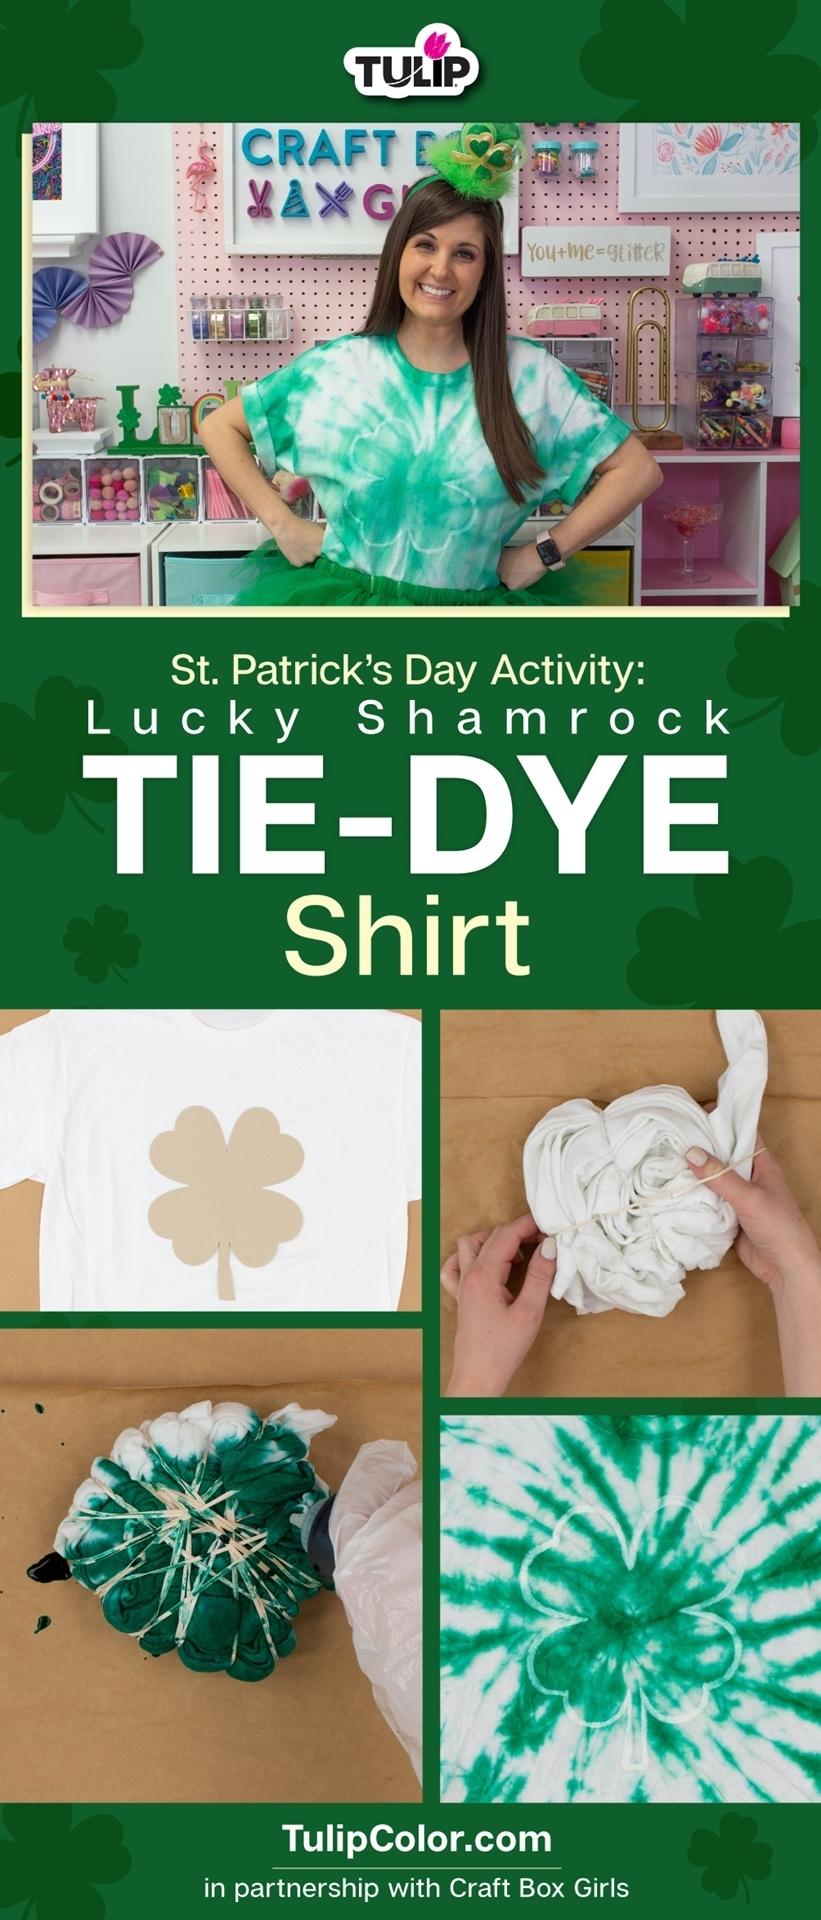 St. Patrick's Day Activity: Shamrock Tie Dye